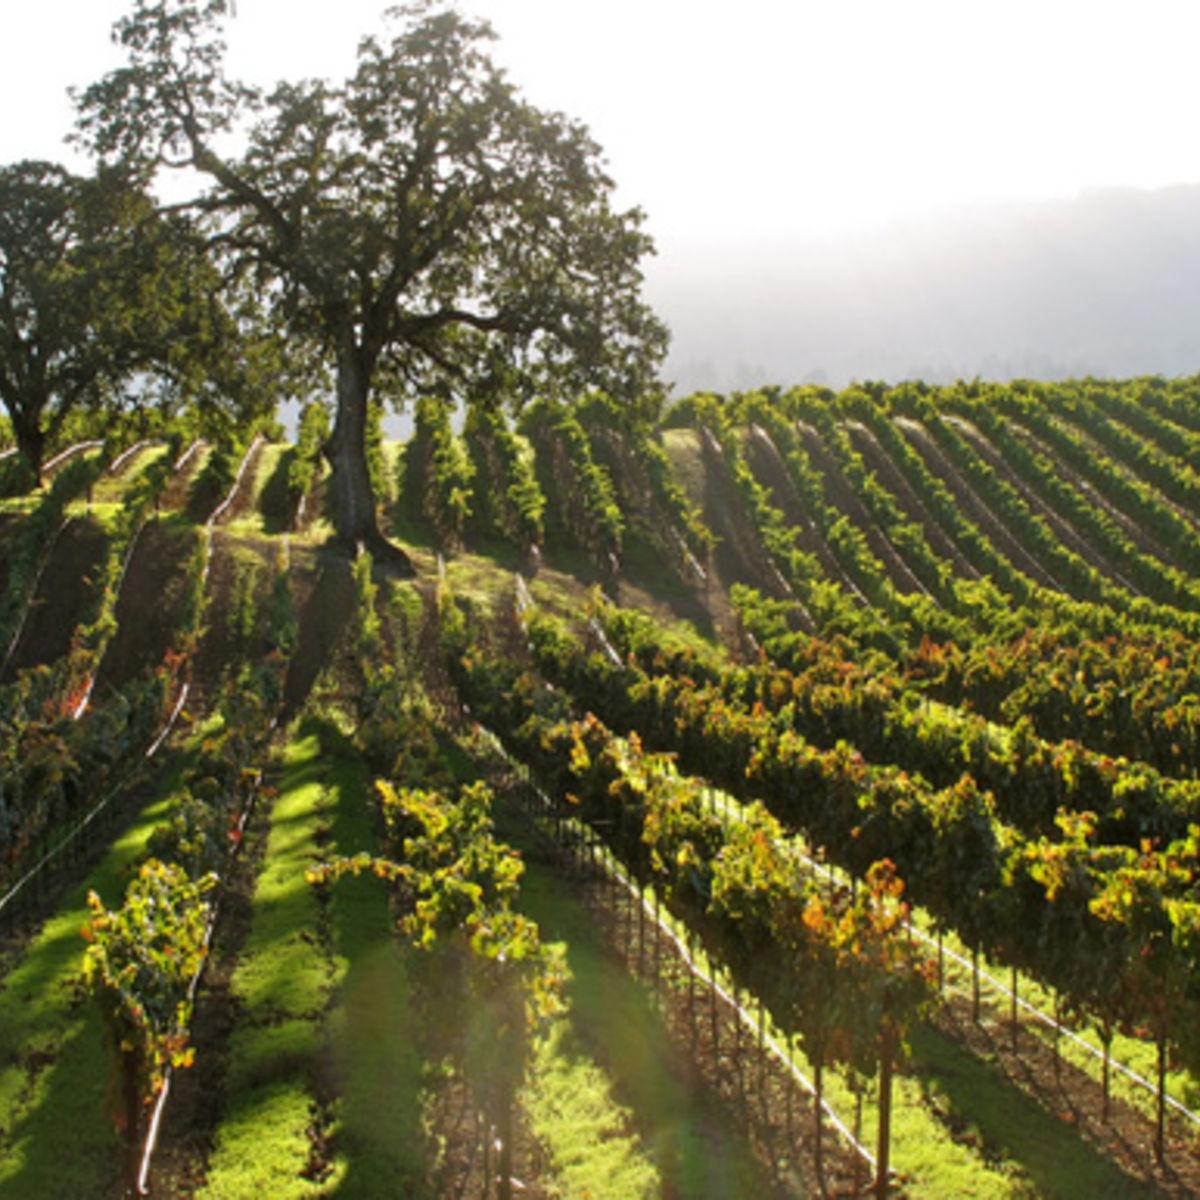 vineyard_oak_torbakhopper_0.jpg